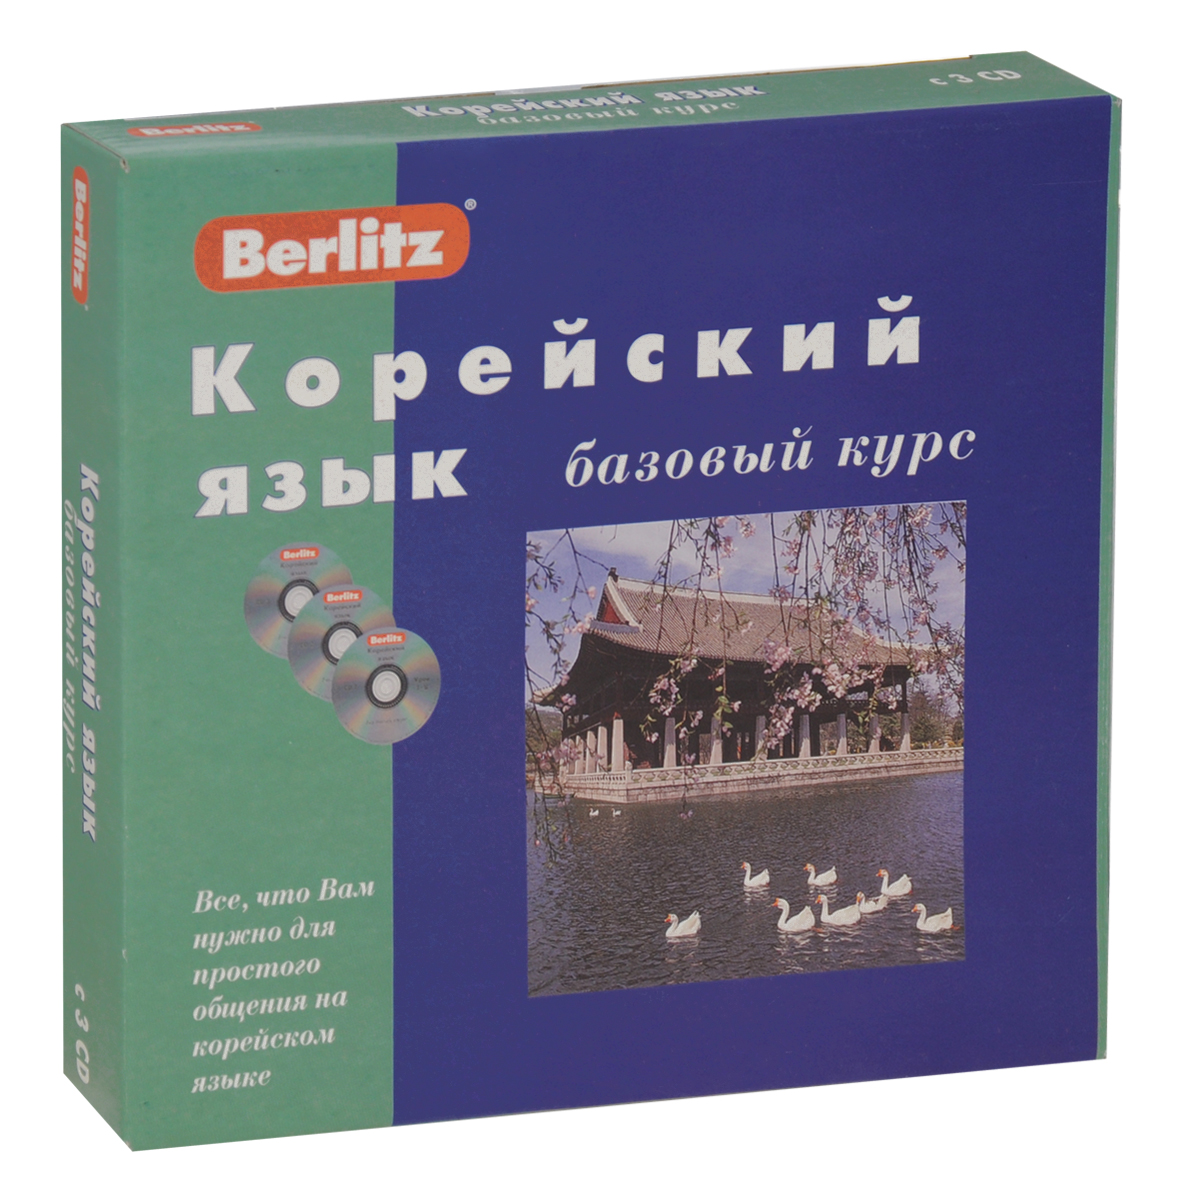 Ю. Алексеев Berlitz. Корейский язык. Базовый курс (+ 3 CD), цена и фото